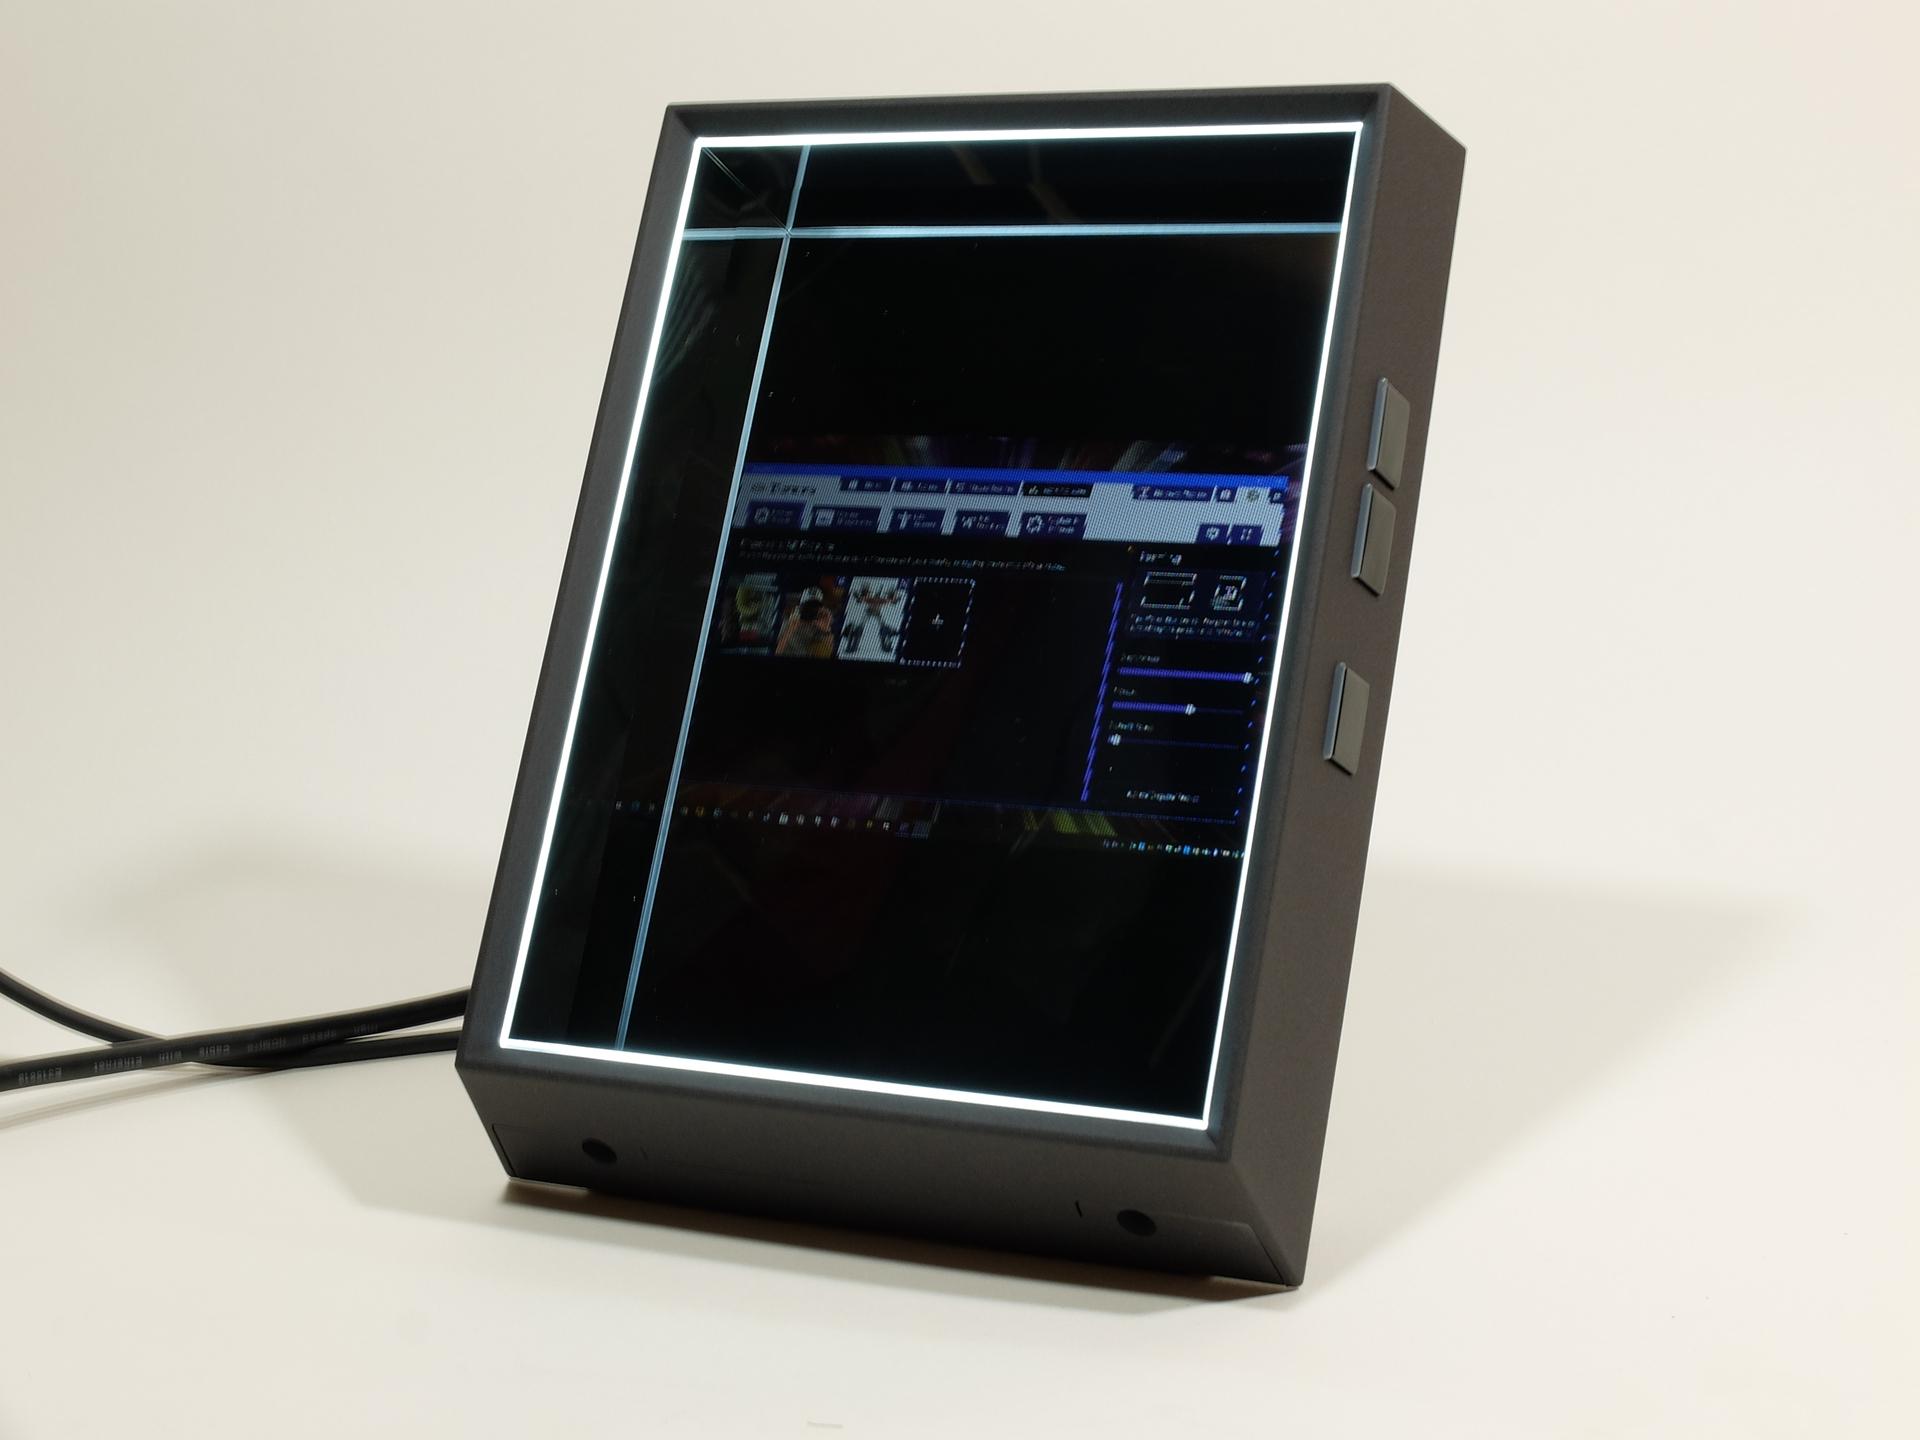 PC接続時に対応ソフトが起動していない場合、PCのマルチディスプレイとして扱われる